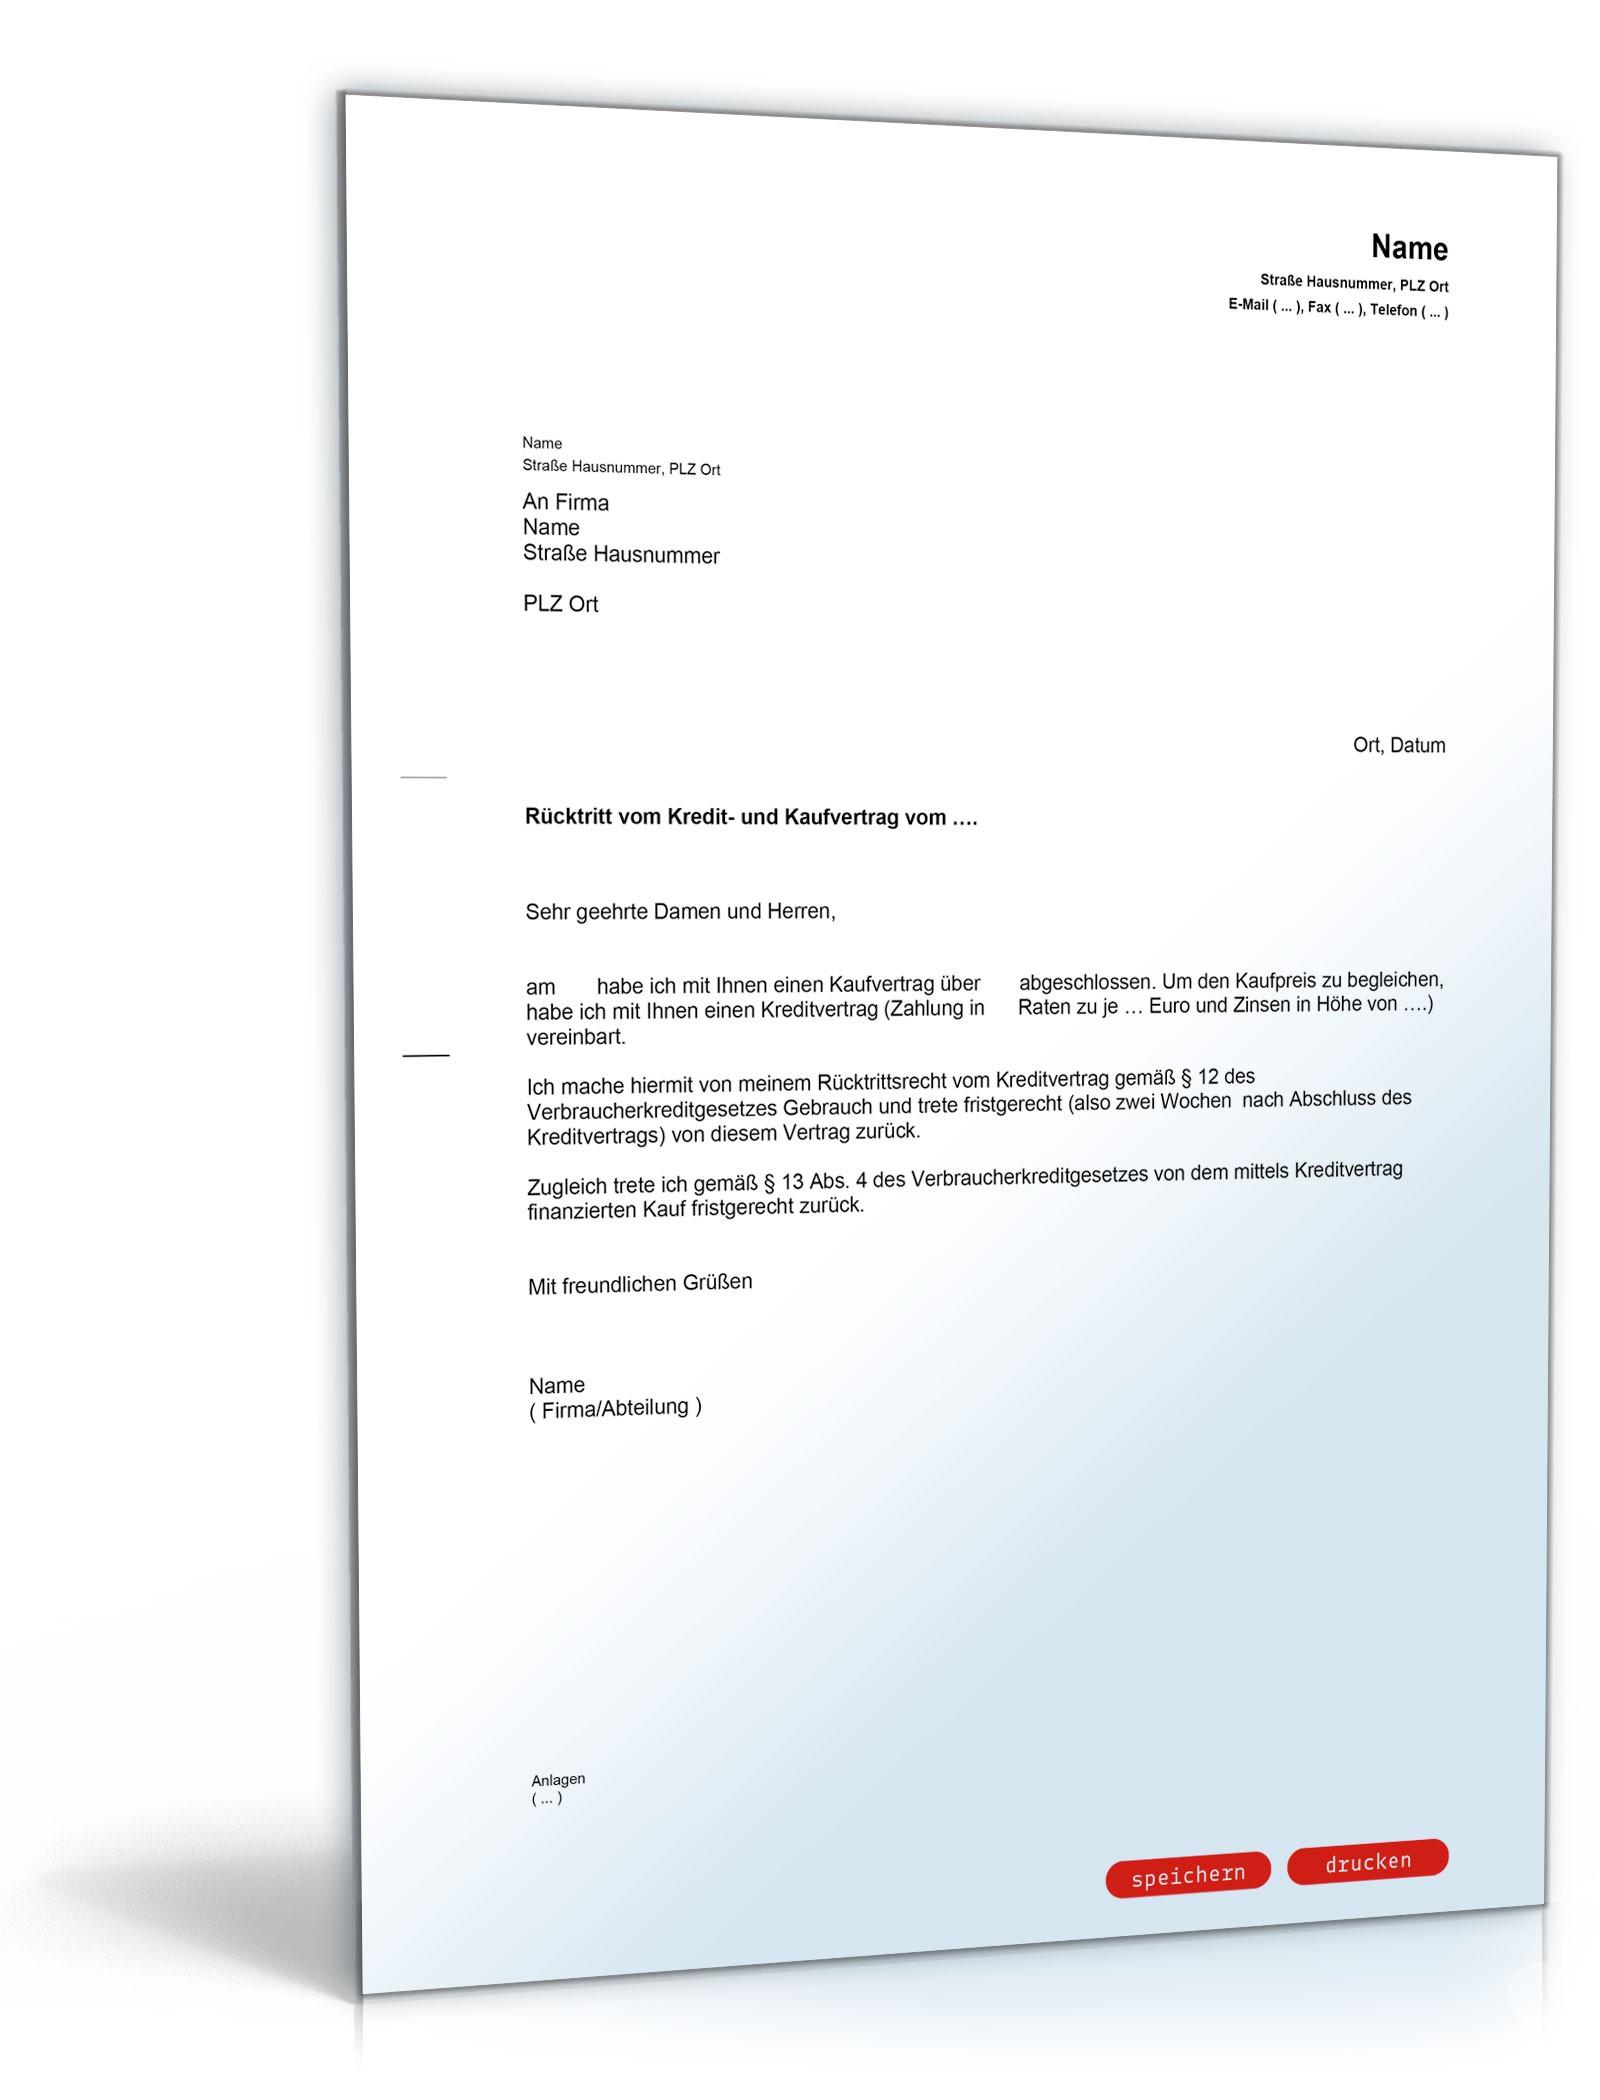 Vom Kaufvertrag Zurücktreten : r cktritt vom kaufvertrag muster vorlage zum download ~ A.2002-acura-tl-radio.info Haus und Dekorationen